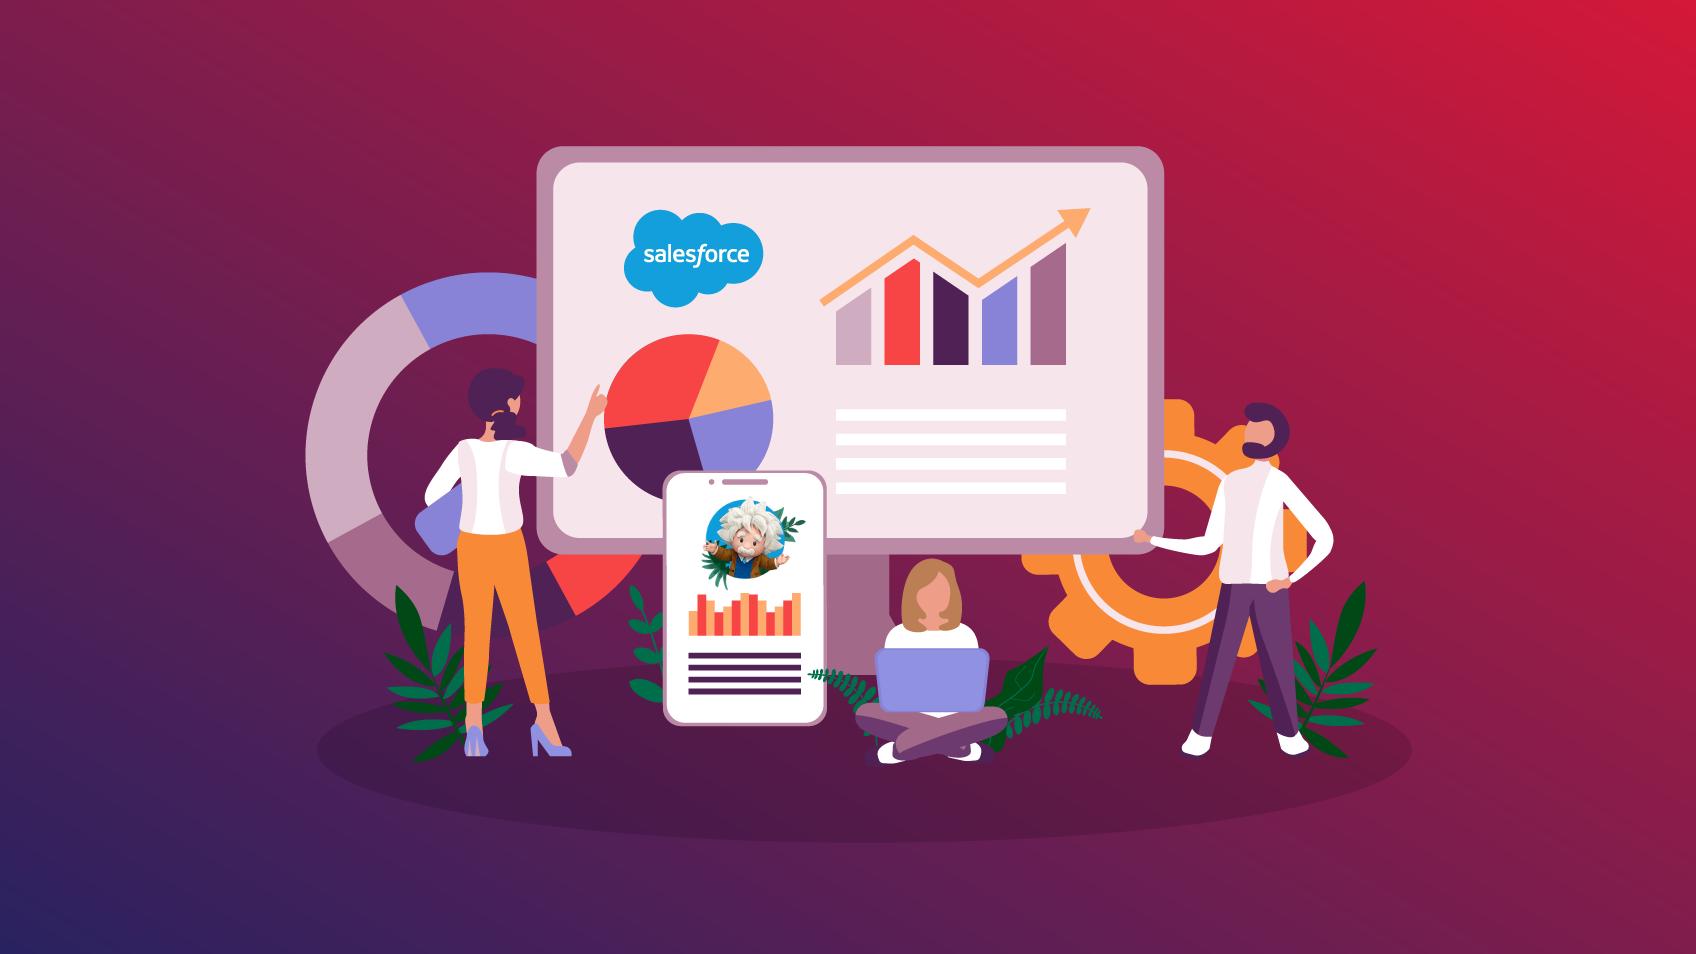 3 ways to leverage your company with Salesforce service Einstein